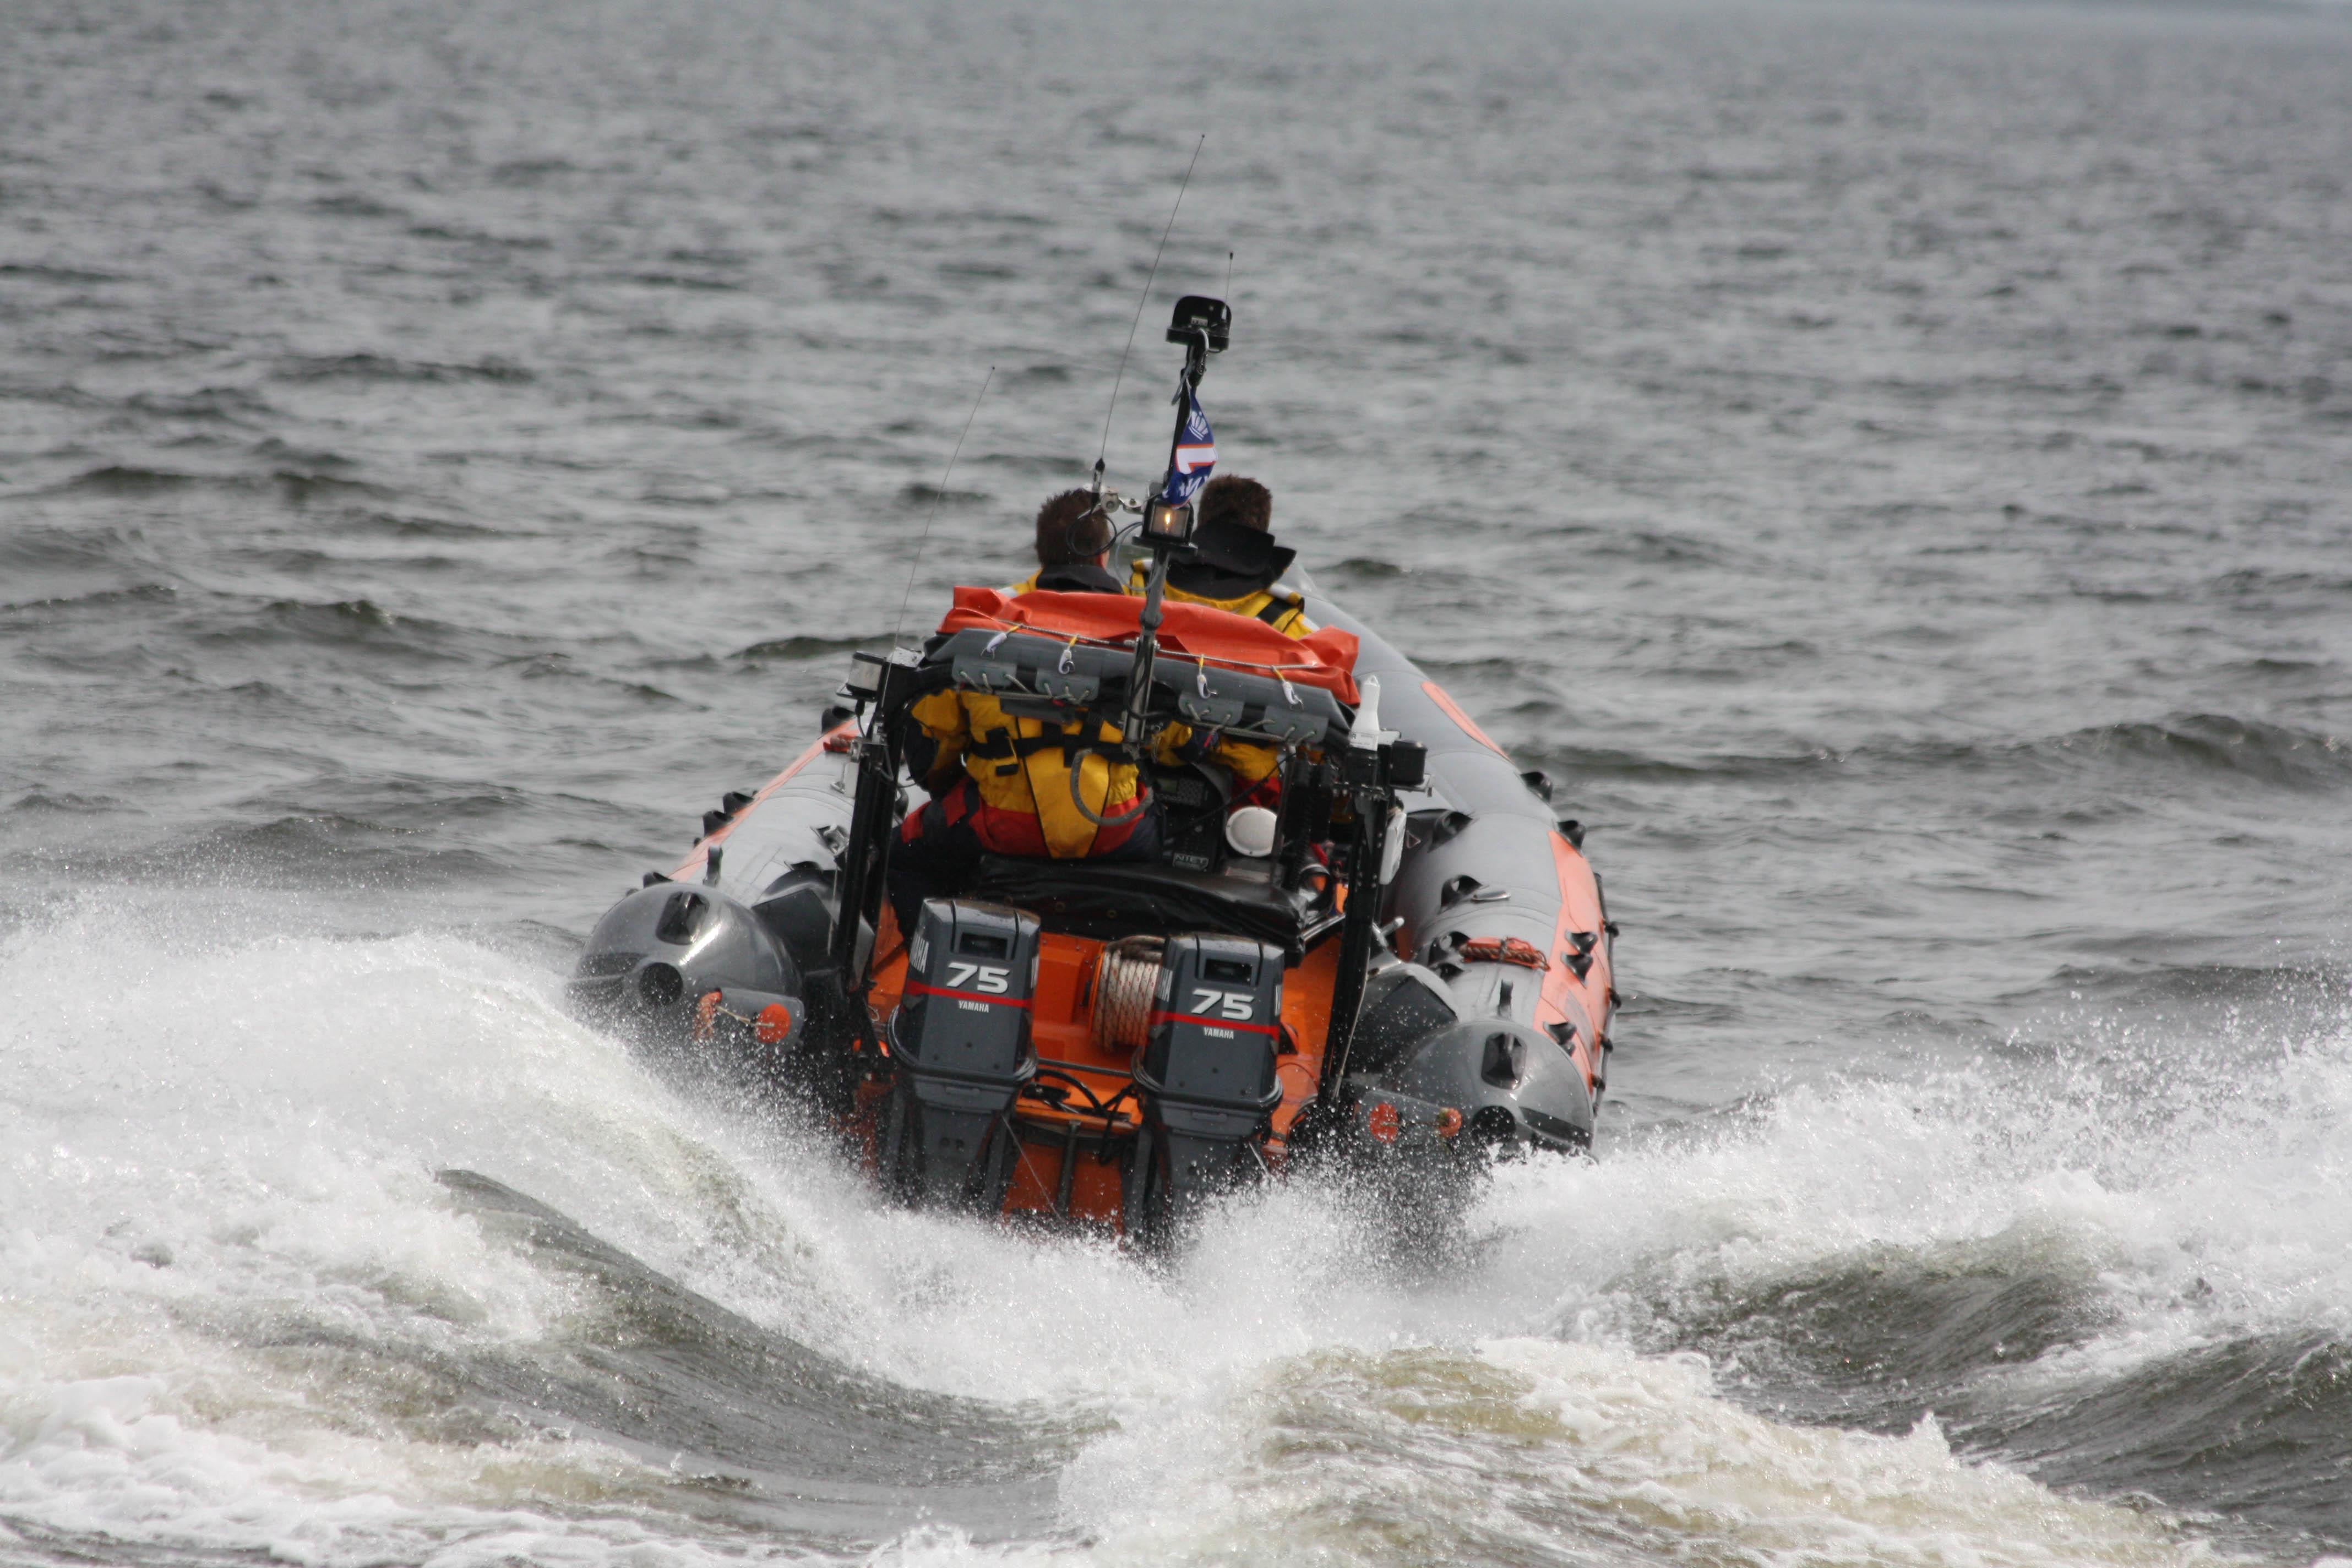 Zoekactie vermiste zeiler Ketelmeer gestaakt